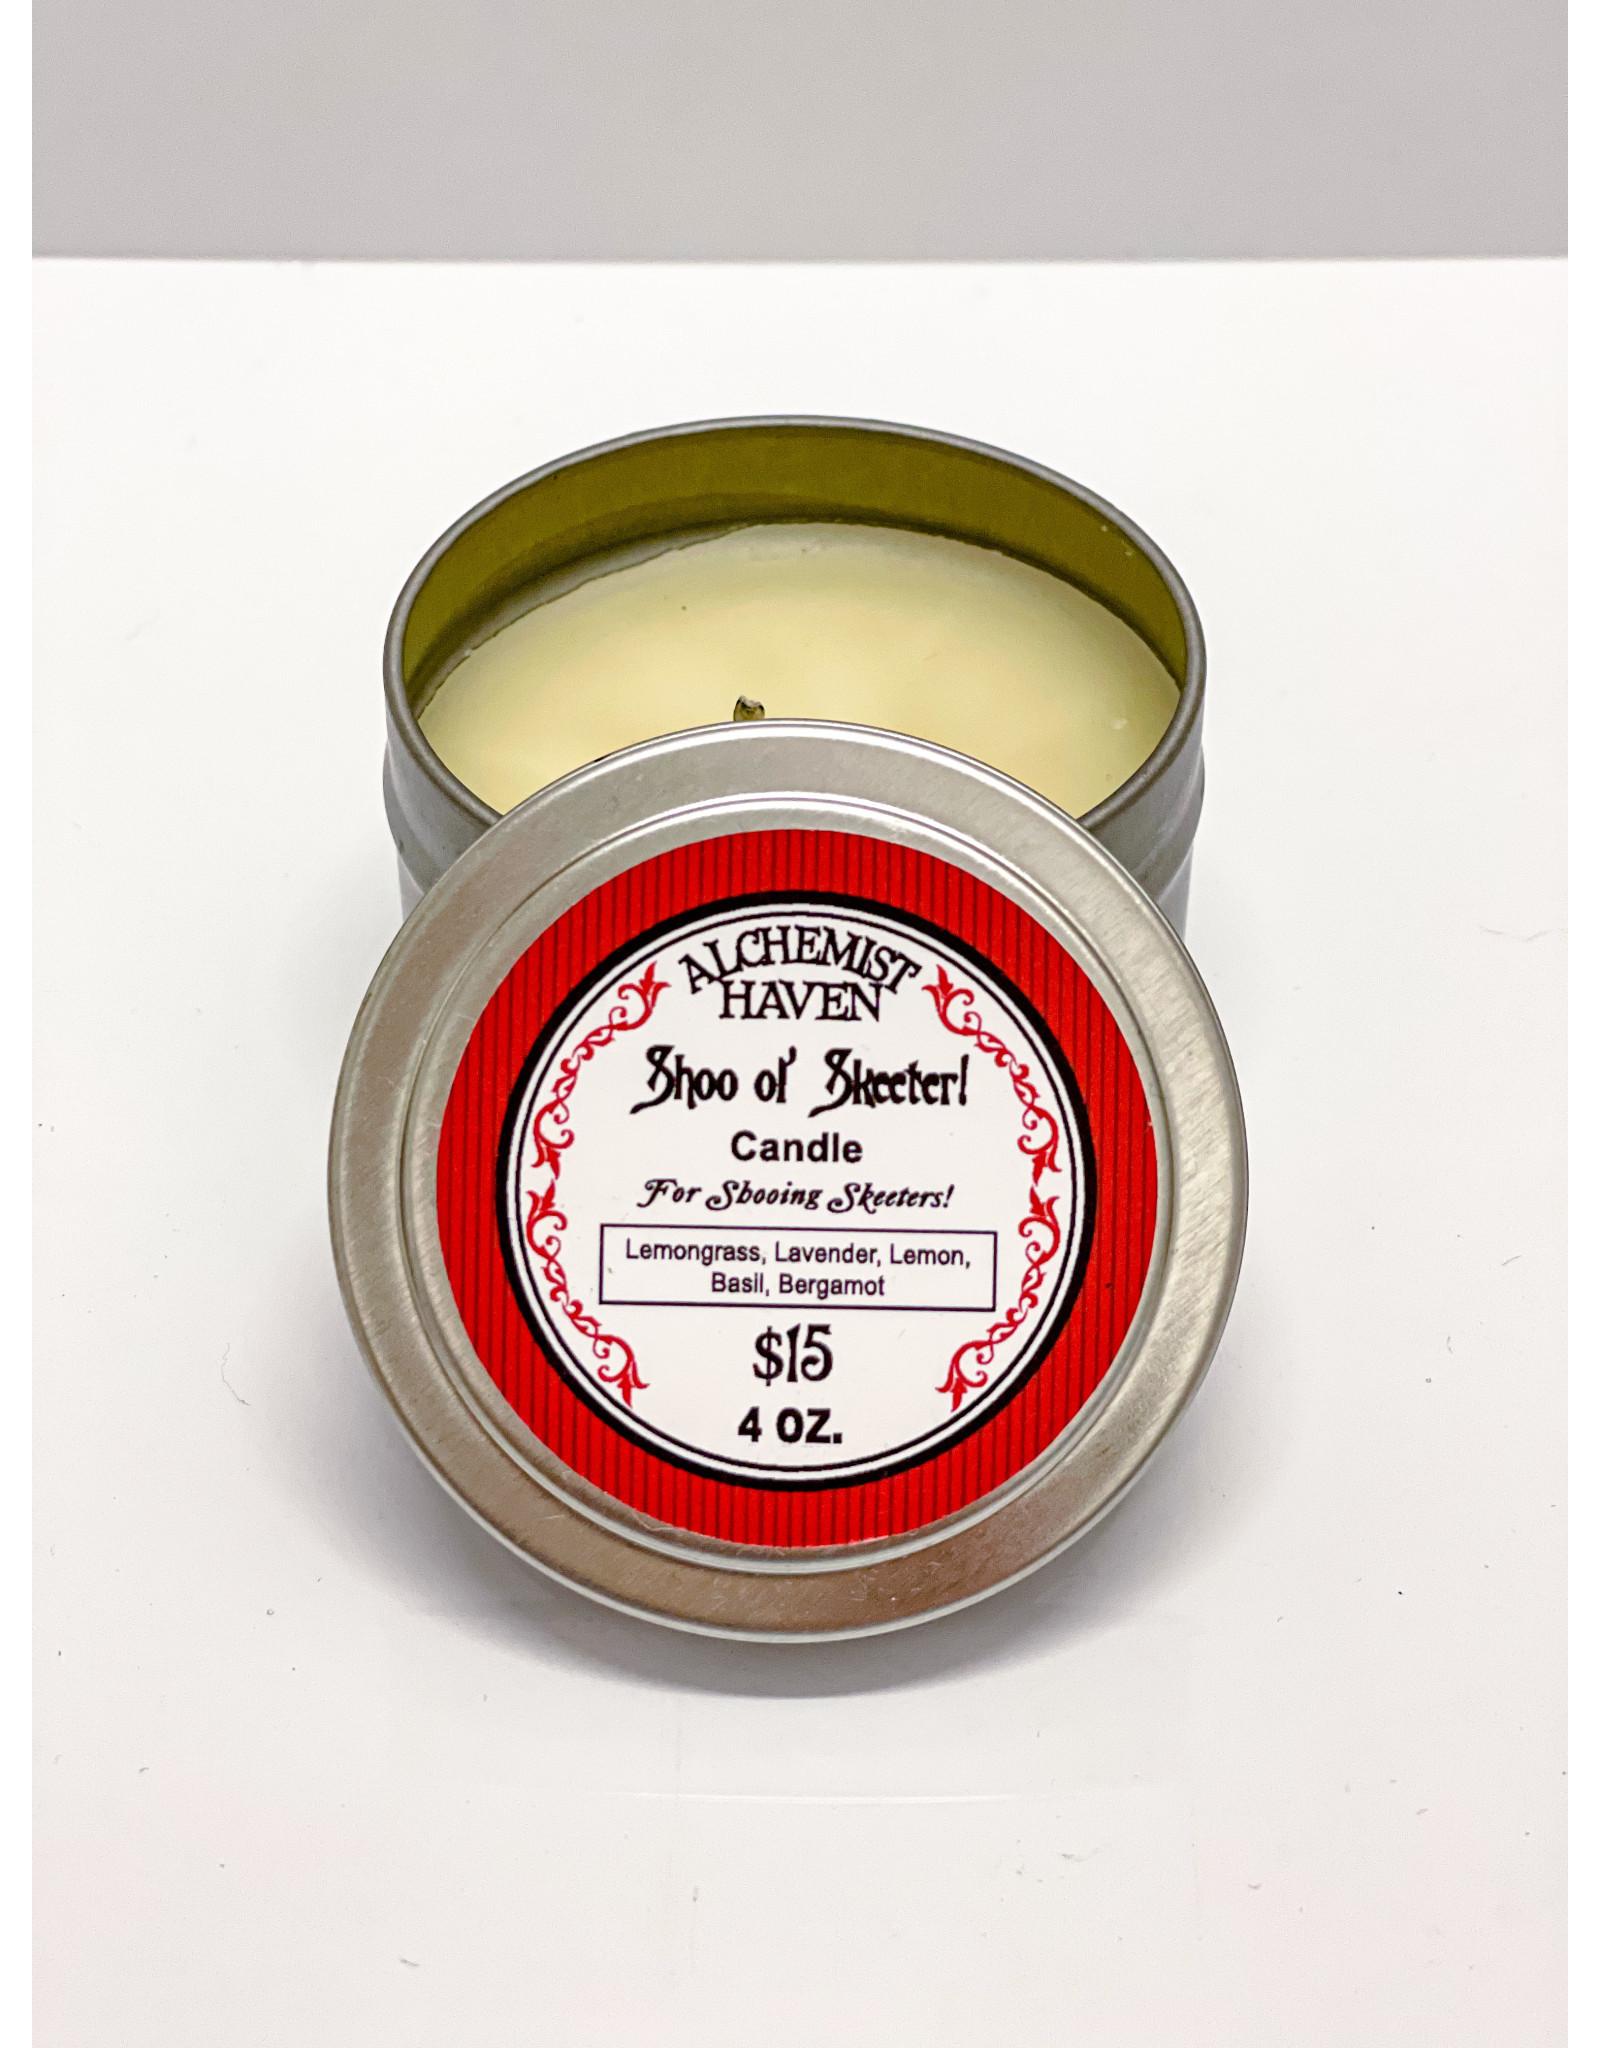 Alchemist Haven Shoo ol' Skeeter Candle - 4 oz